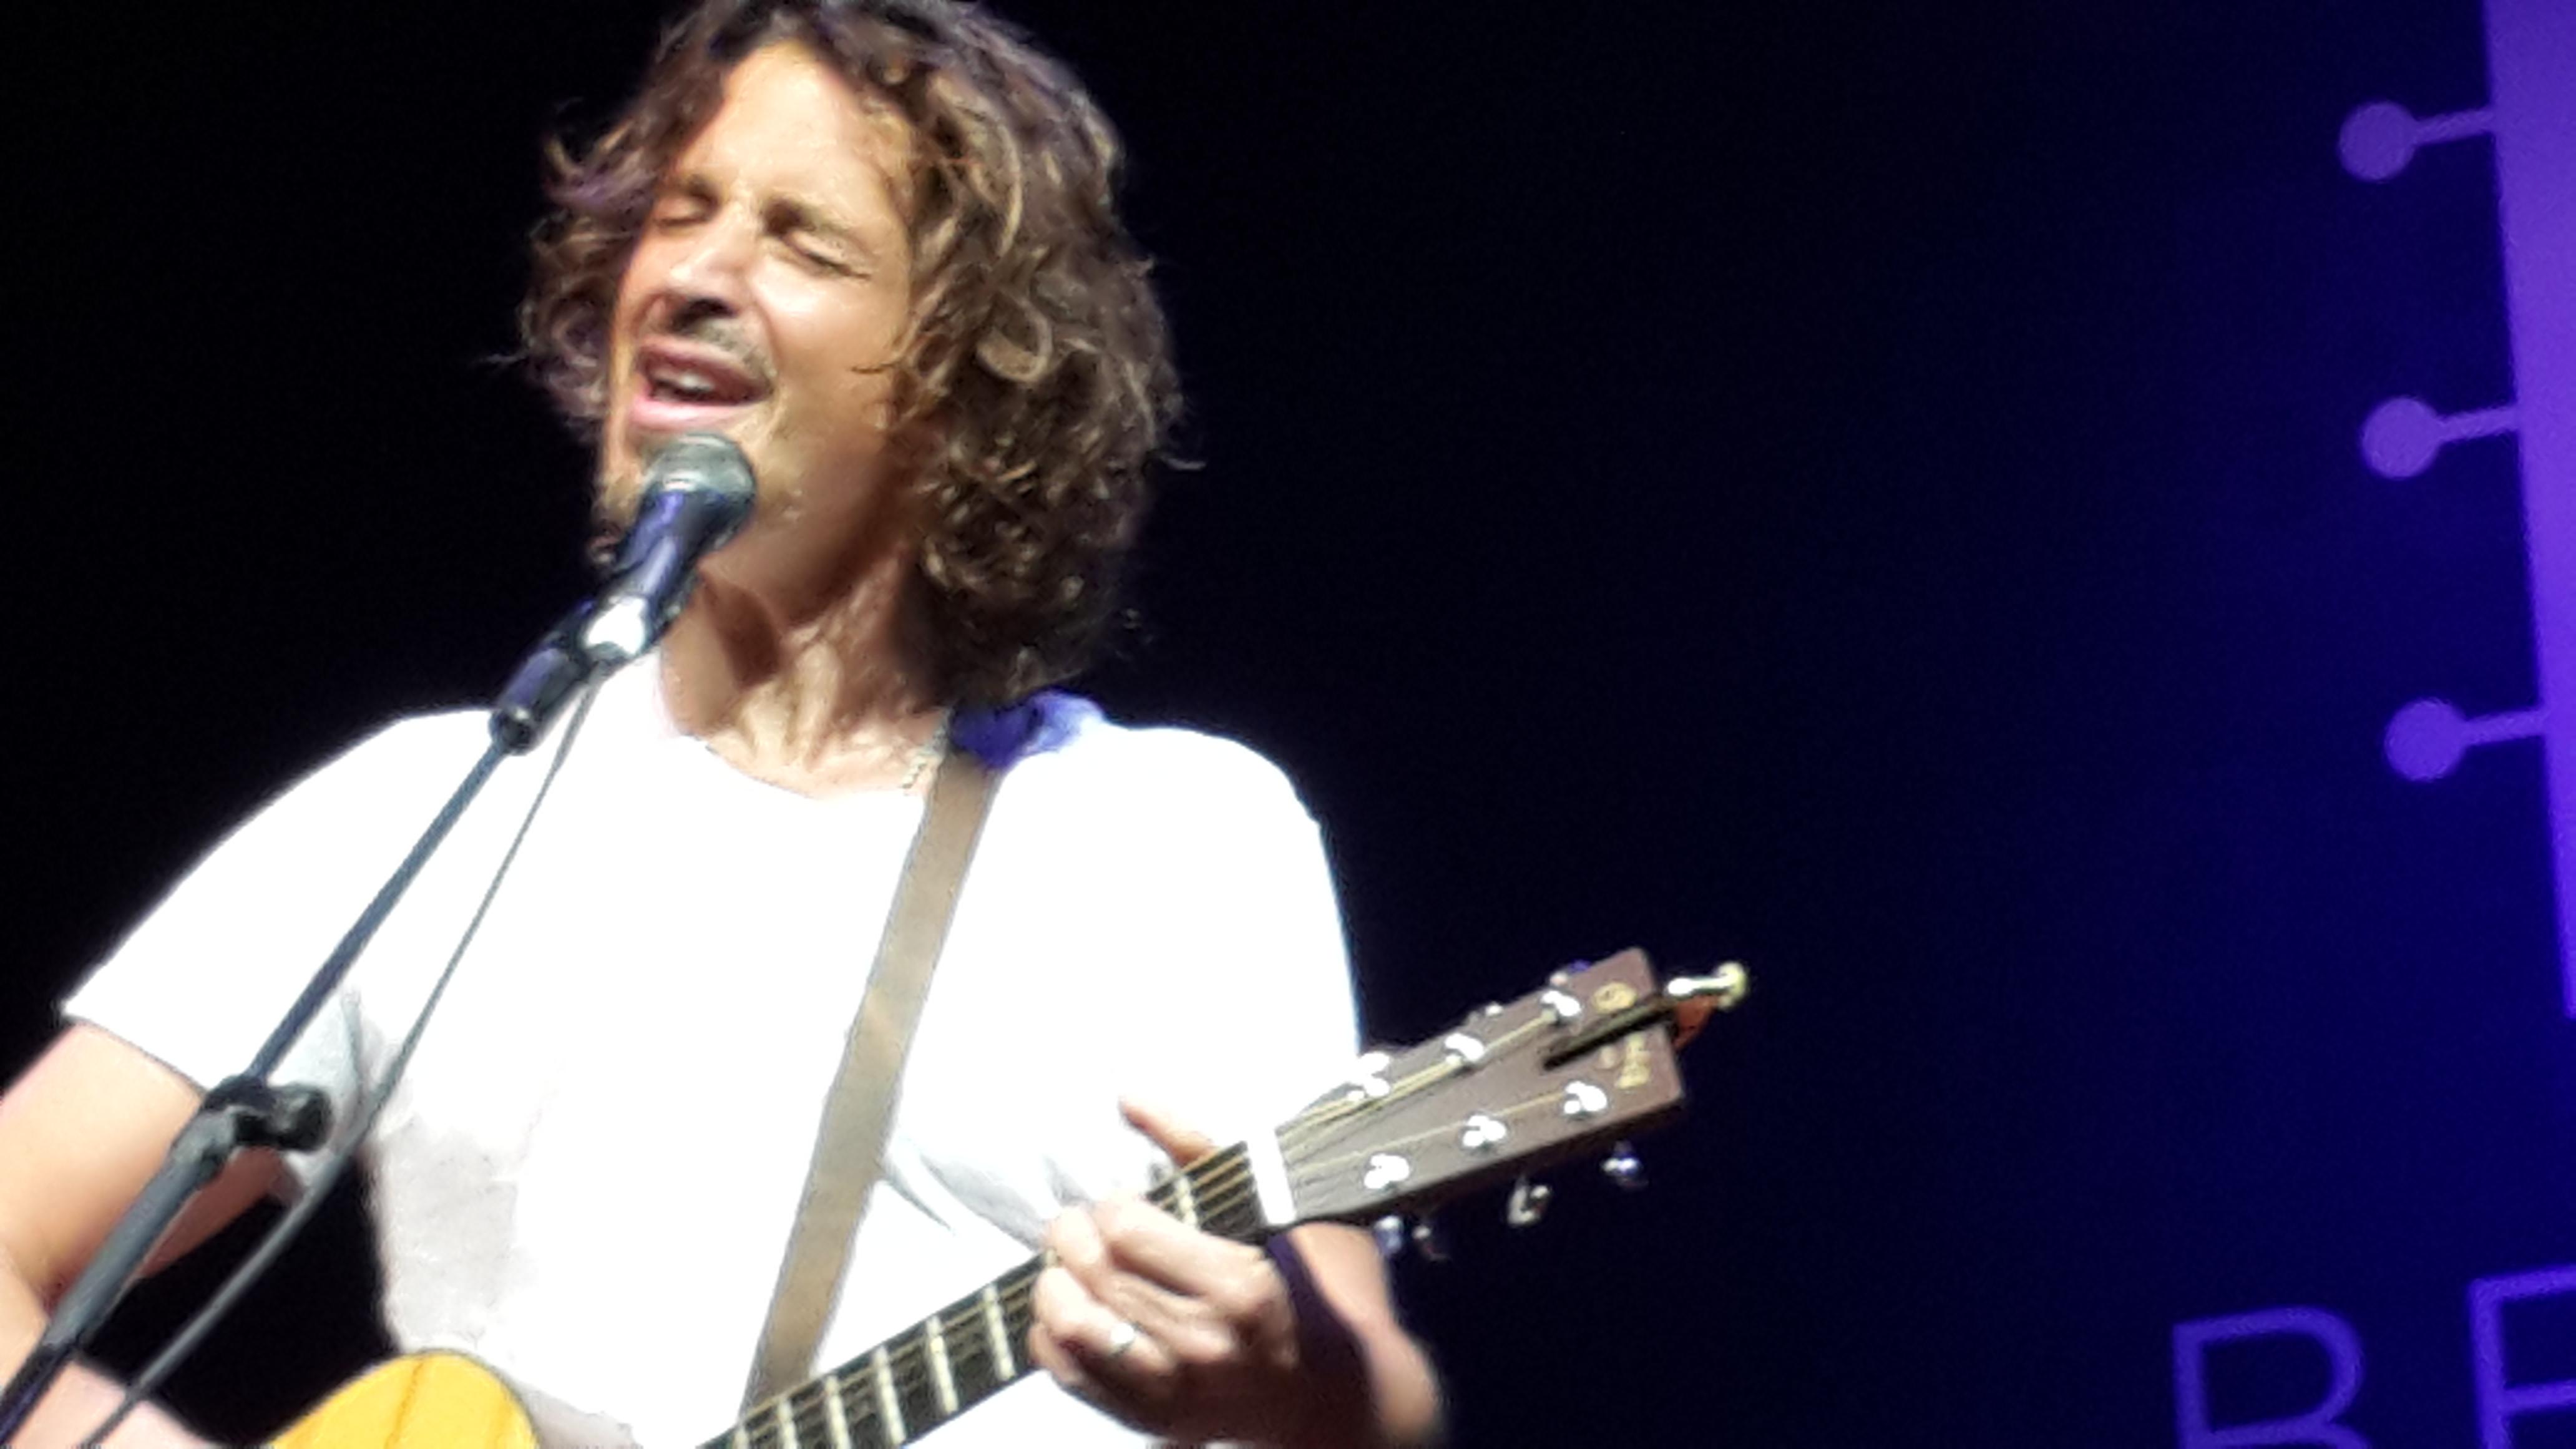 Celebrando a voz de Chris Cornell em fotos e canções eternas